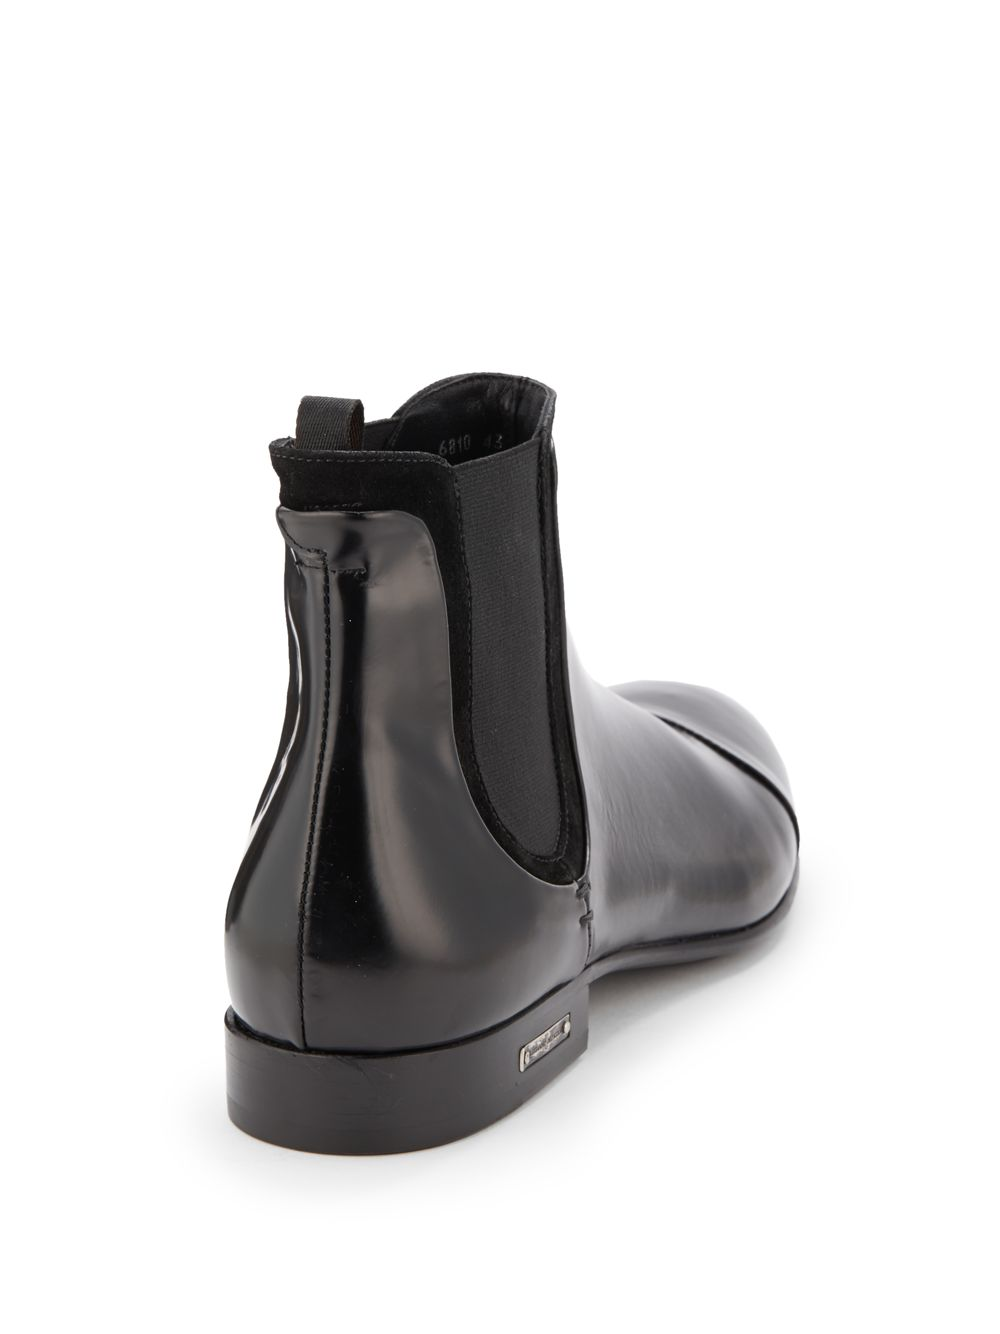 ALESSANDRO DELL'ACQUA Leather Boots 8XqY6bp